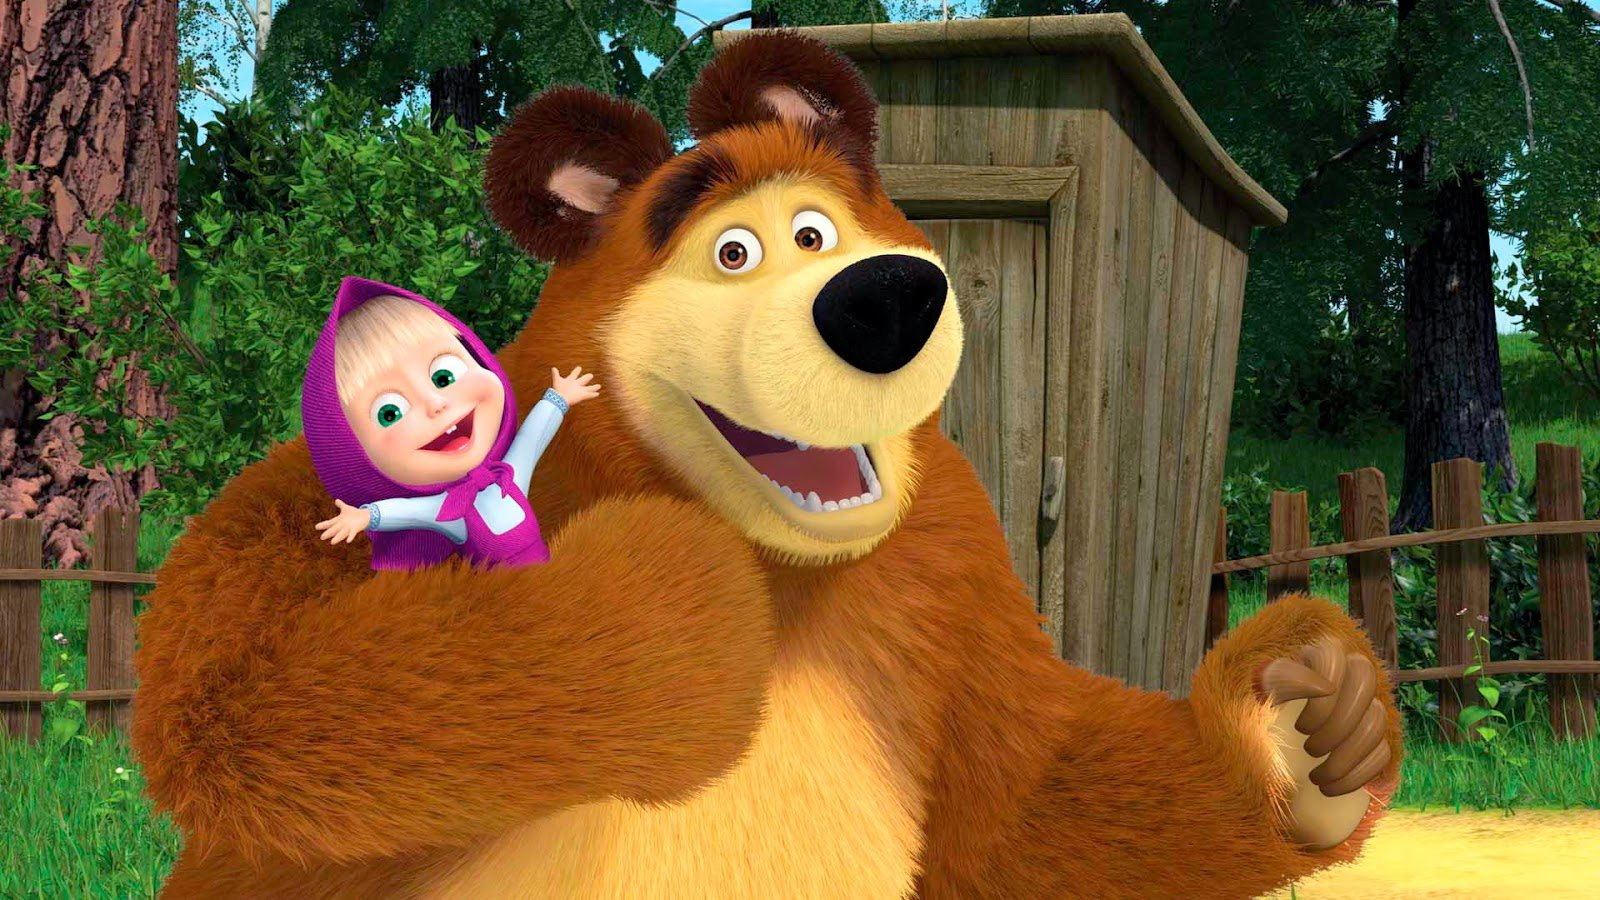 Мультсериал «Маша и медведь» стал наиболее просматриваемым детским шоу в мире